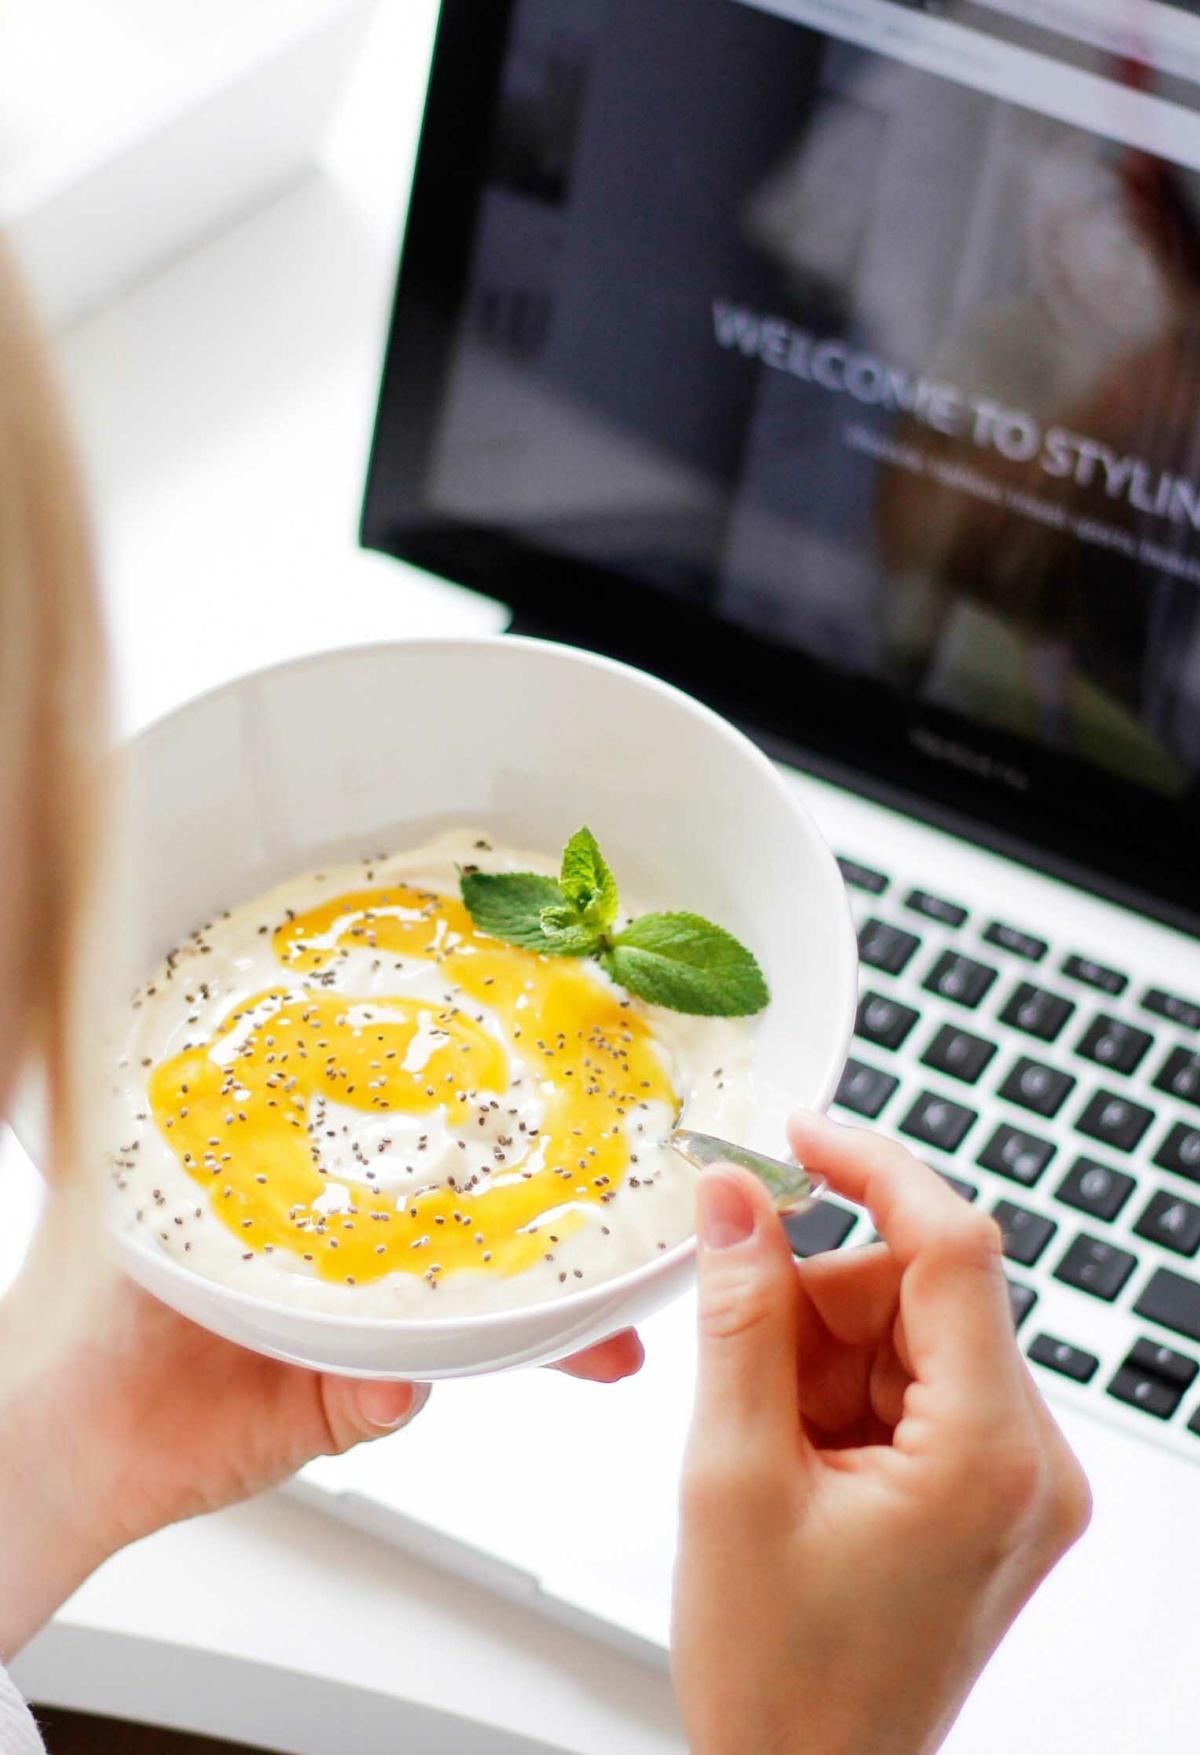 stylingliebe-lifestyleblog-muenchen-styleblog-munich-blogger-deutschland-foodblogger-bloggerdeutschland-lifestyleblogger-germanblogger-der-perfekte-start-in-den-tag-sieben-effektive-tipps-1